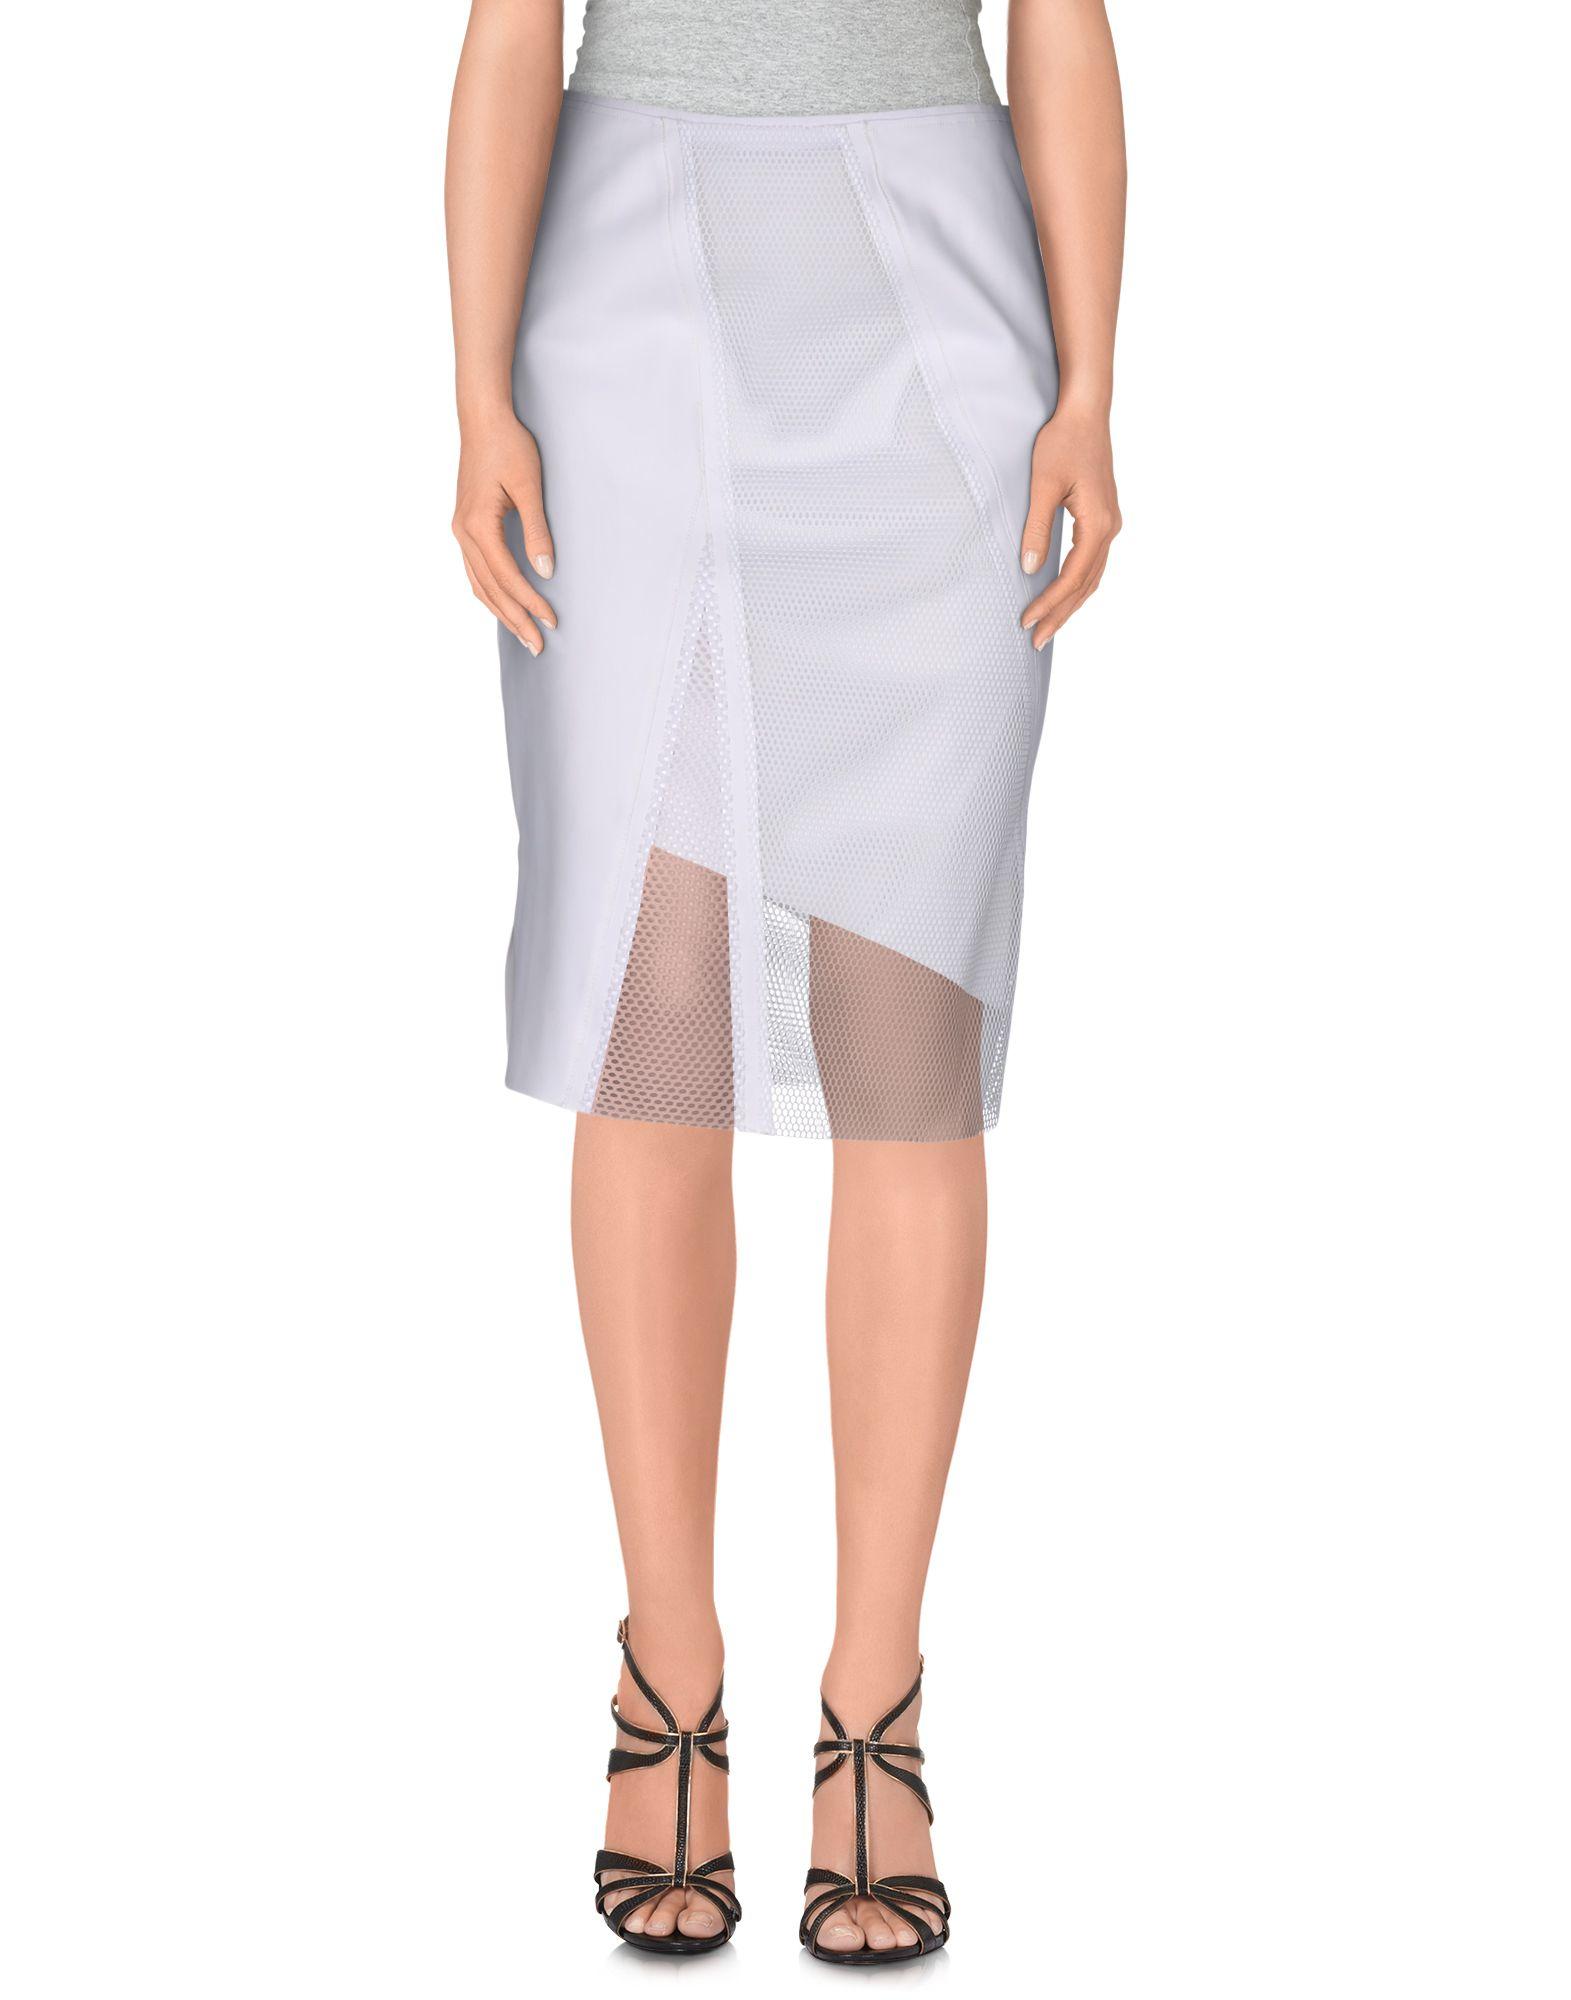 elie tahari knee length skirt in white lyst